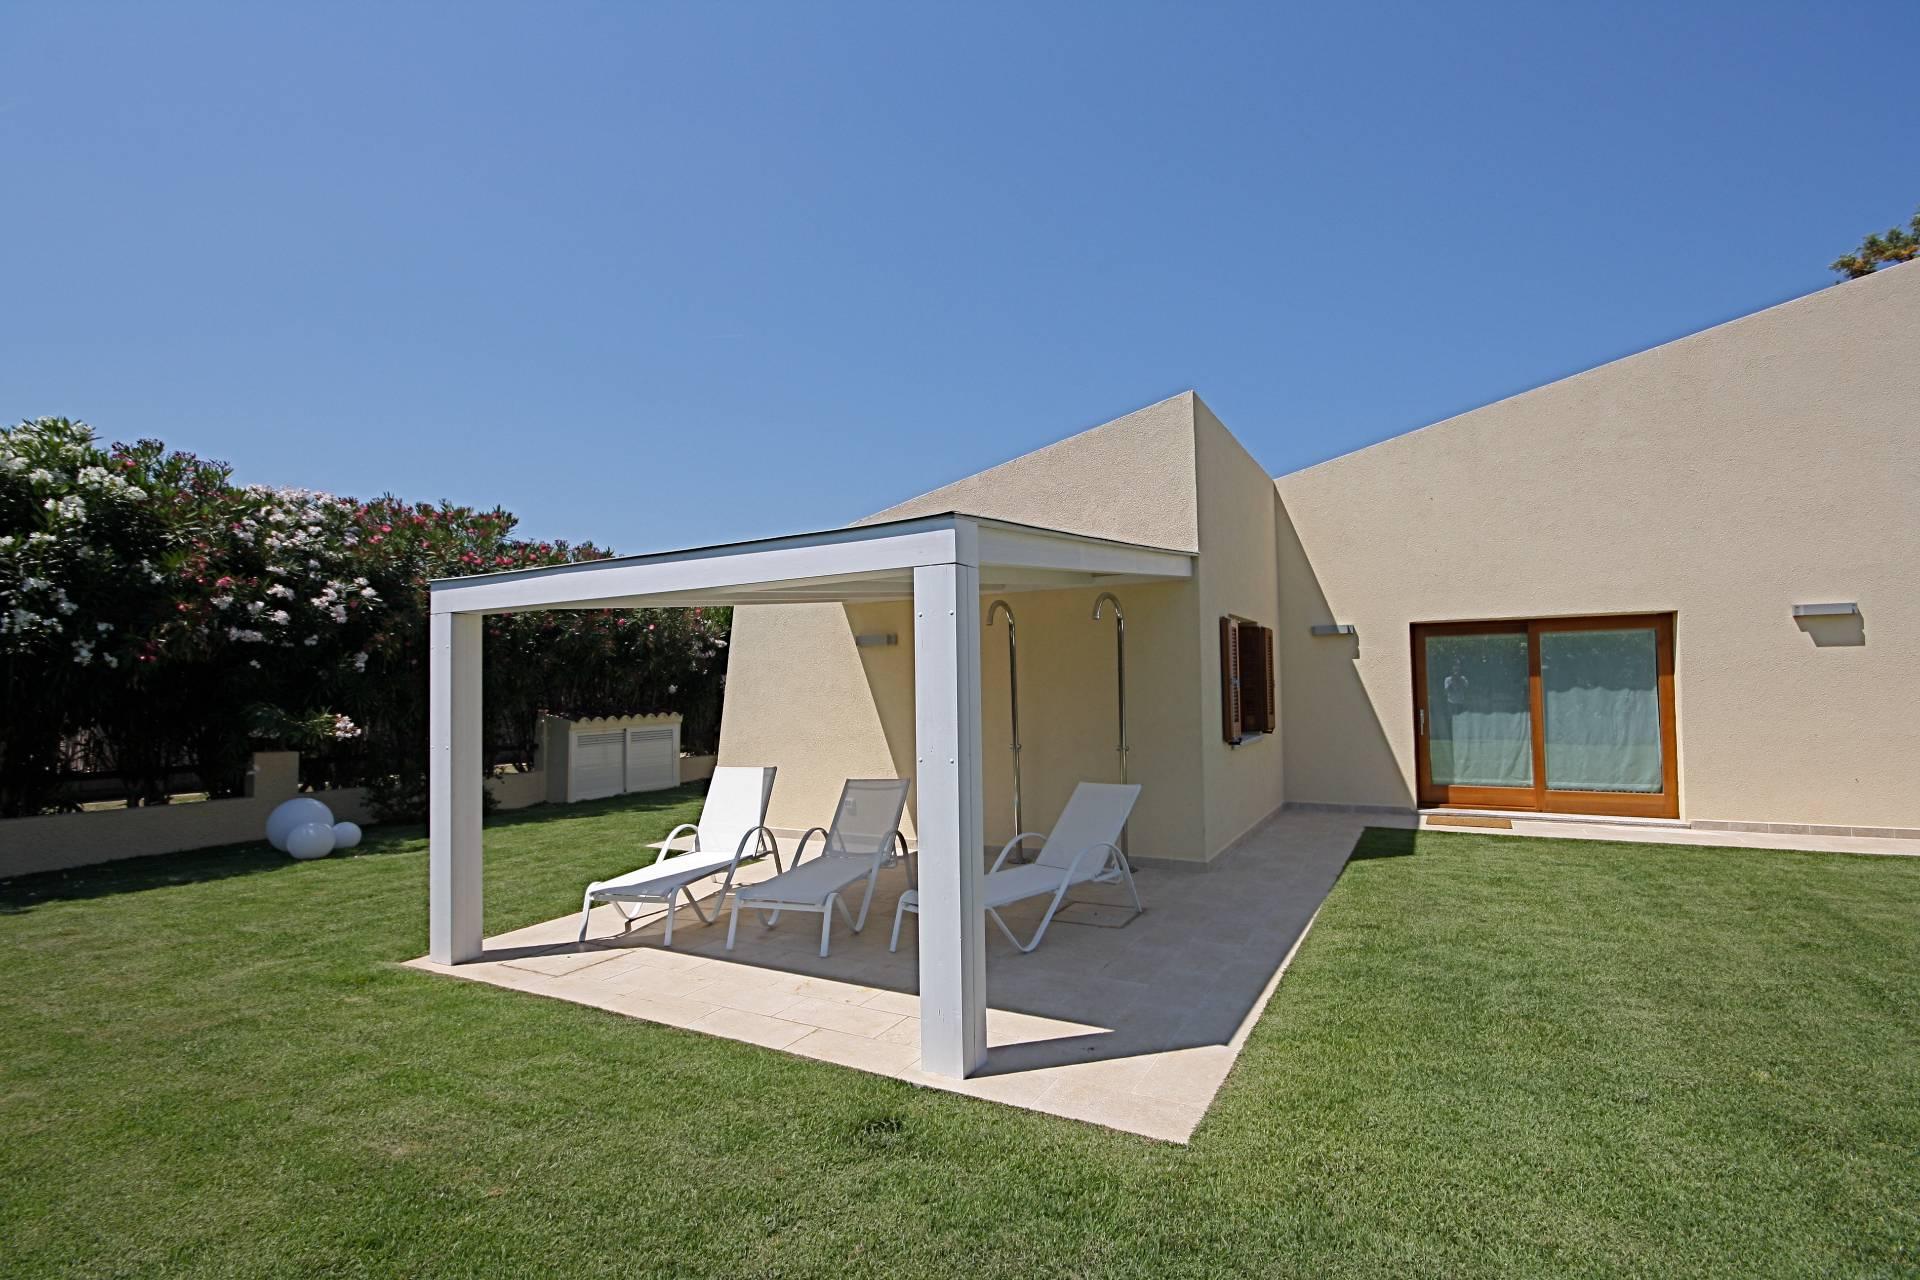 Cbi040 ed001ed villa singola in affitto a san teodoro for Case in affitto san teodoro